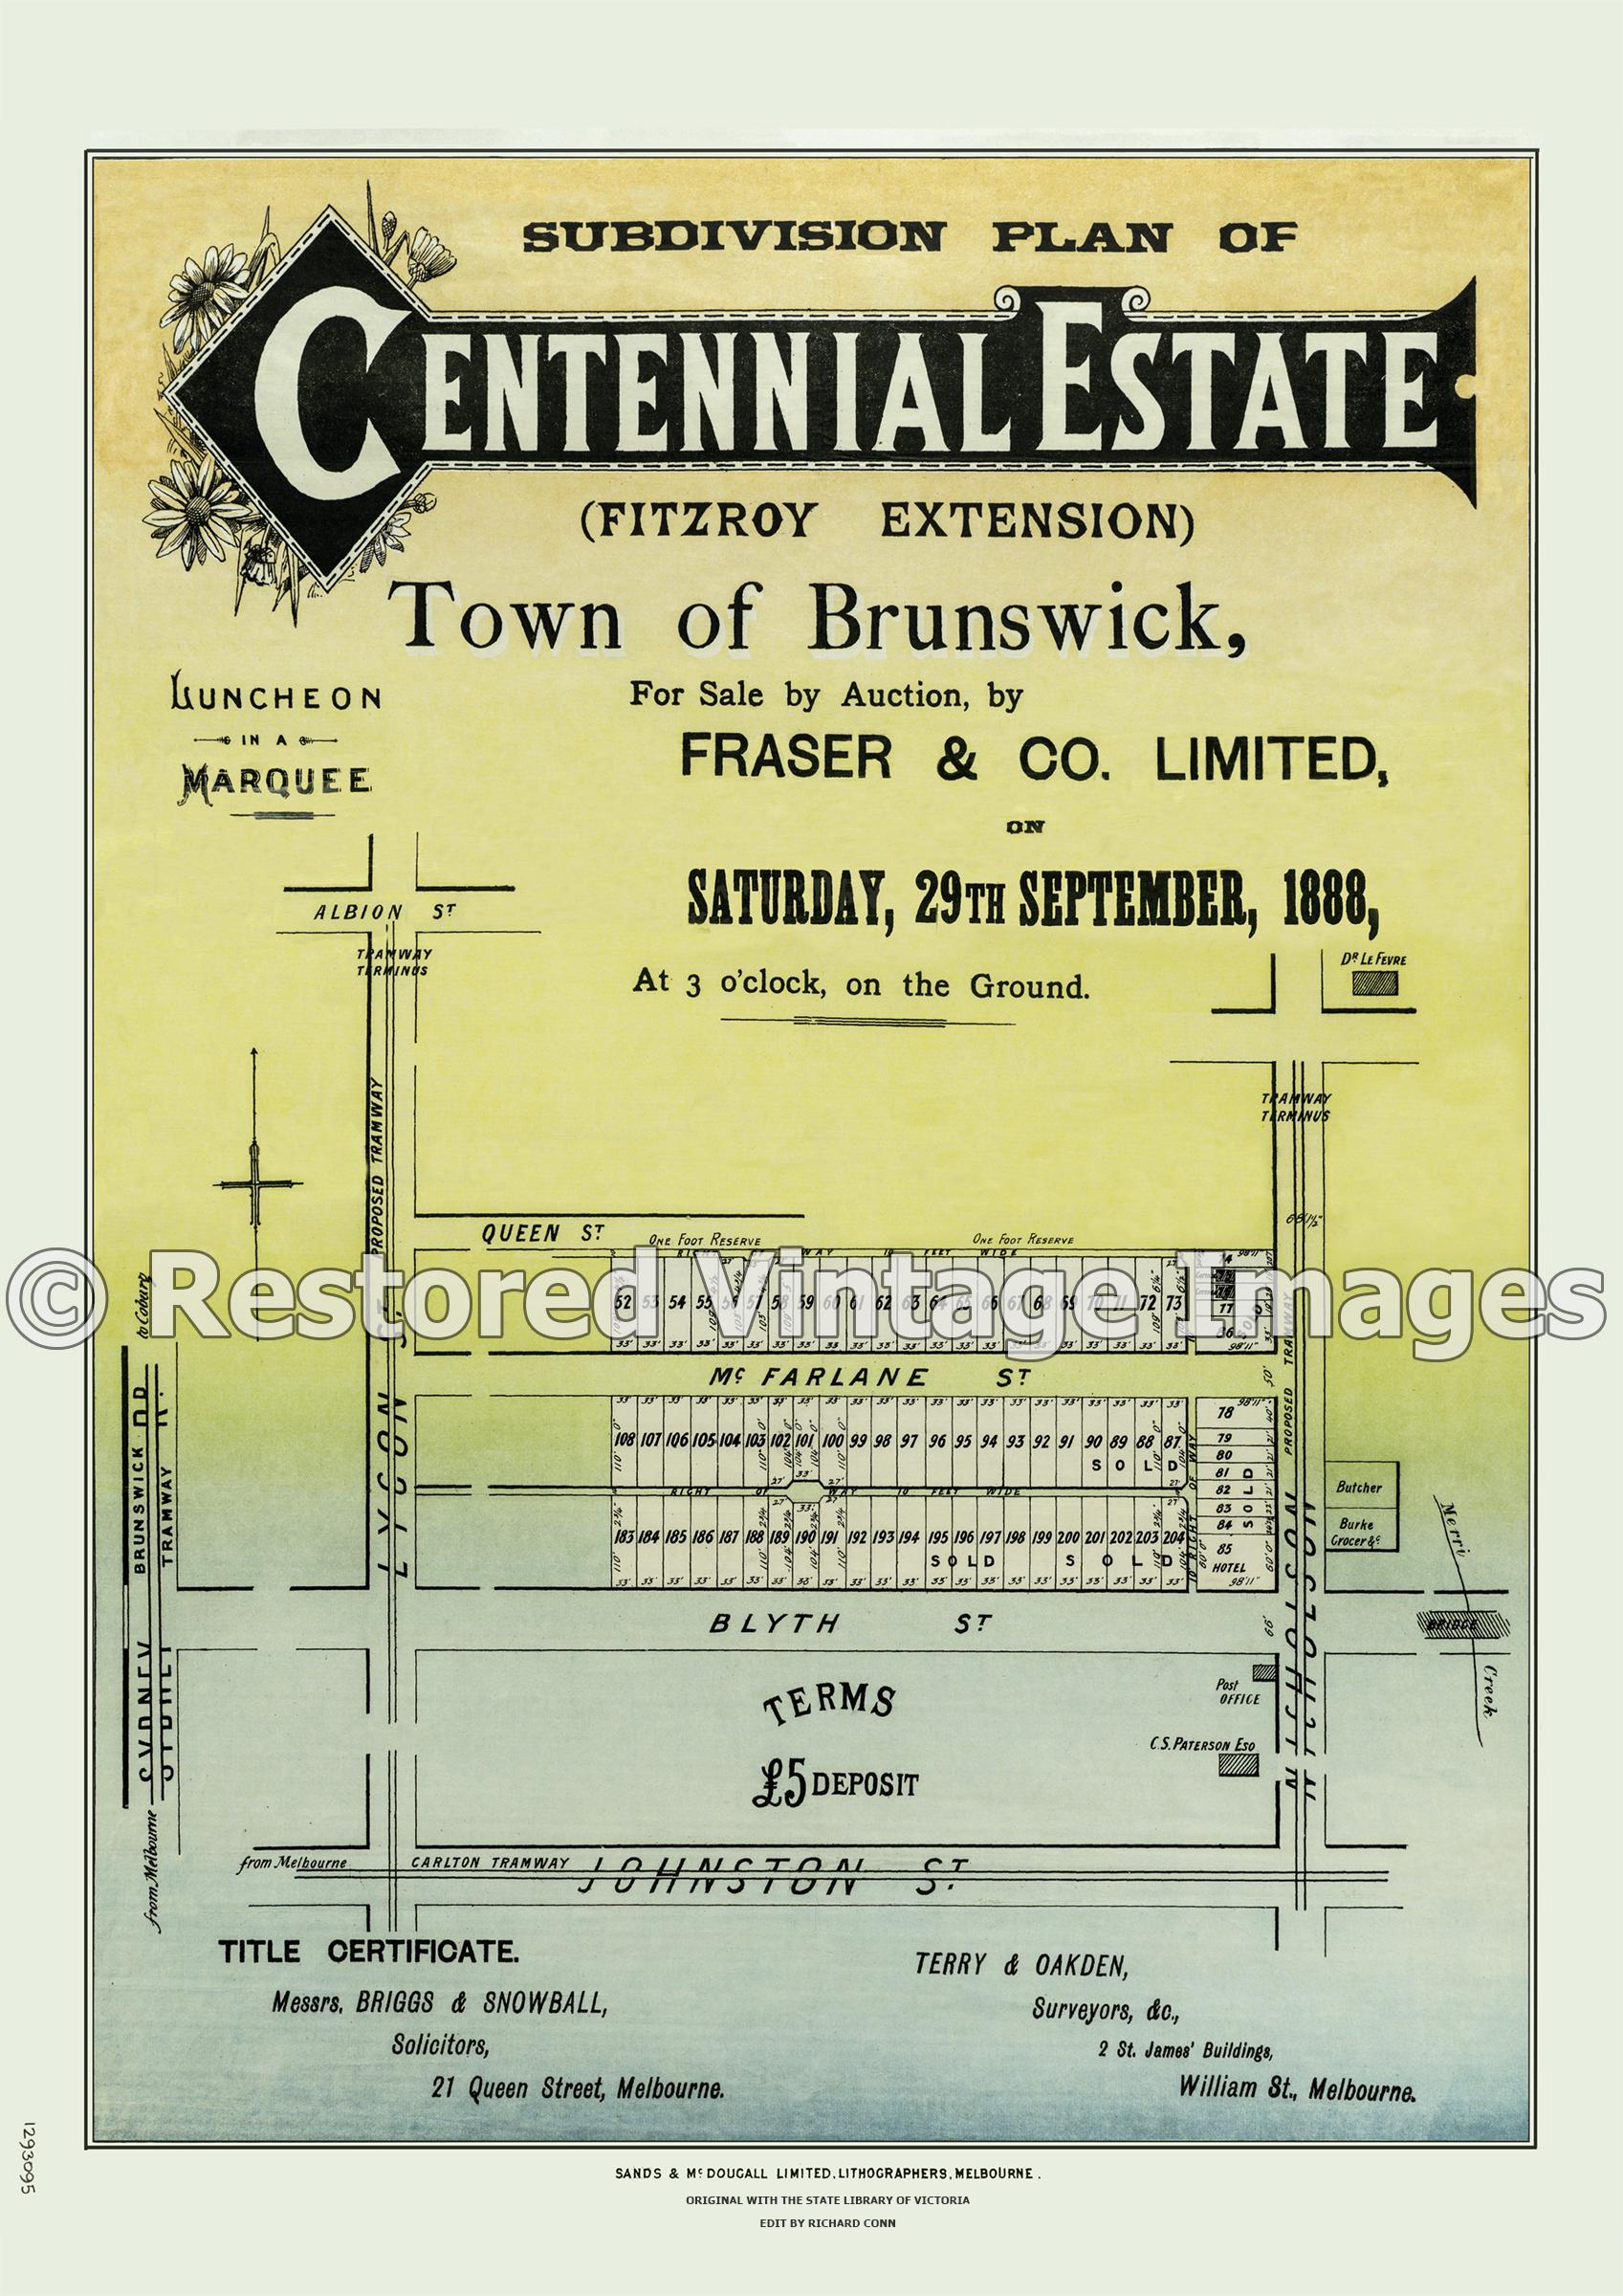 Centennial Estate (Fitzroy Extension) 29th September 1888 – Brunswick East